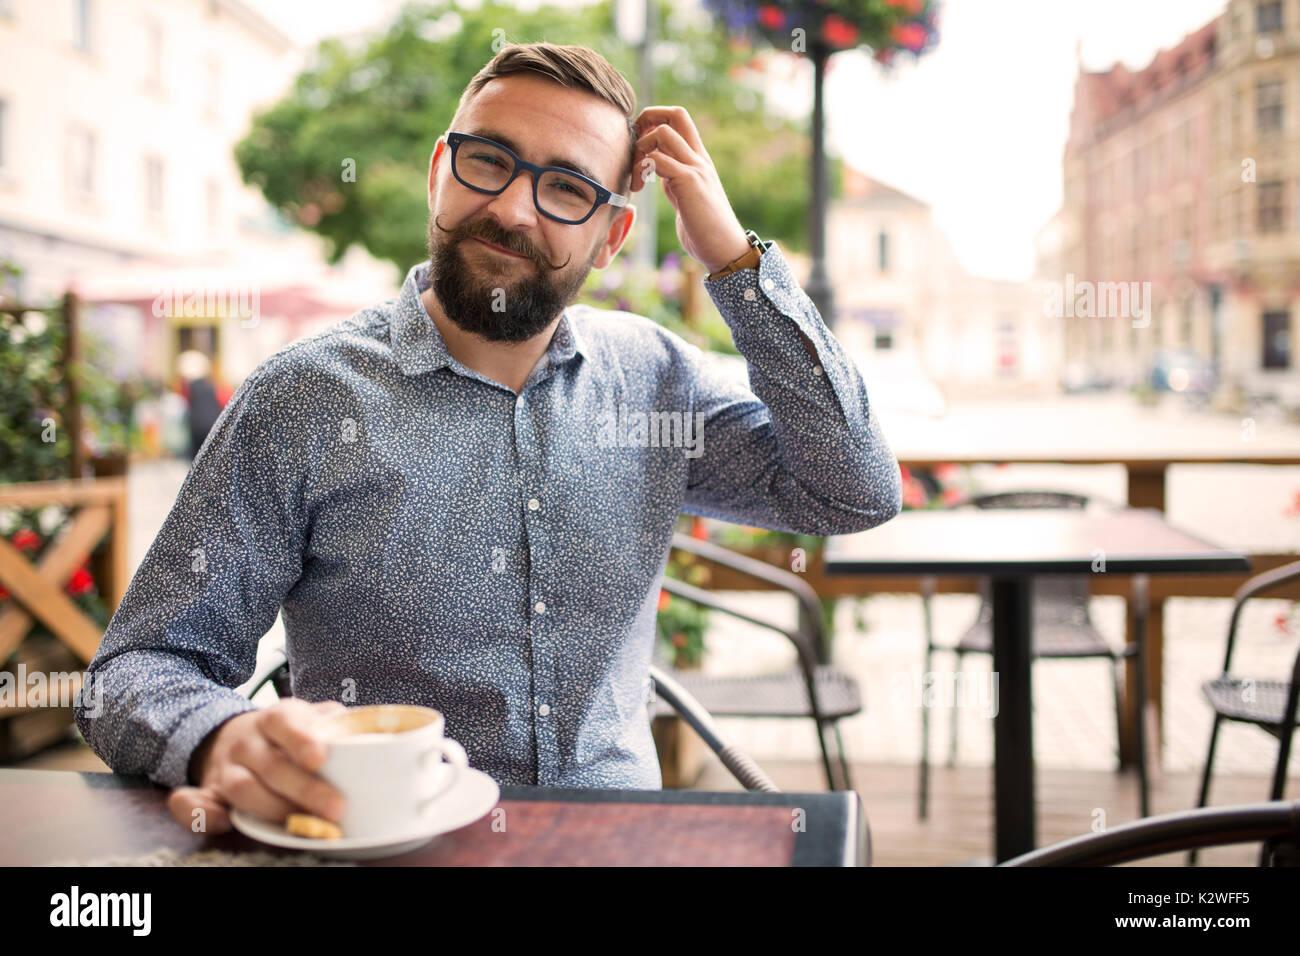 Beschämt lächelnd Mann in einem Cafe sitzen und den Kopf kratzen Stockbild